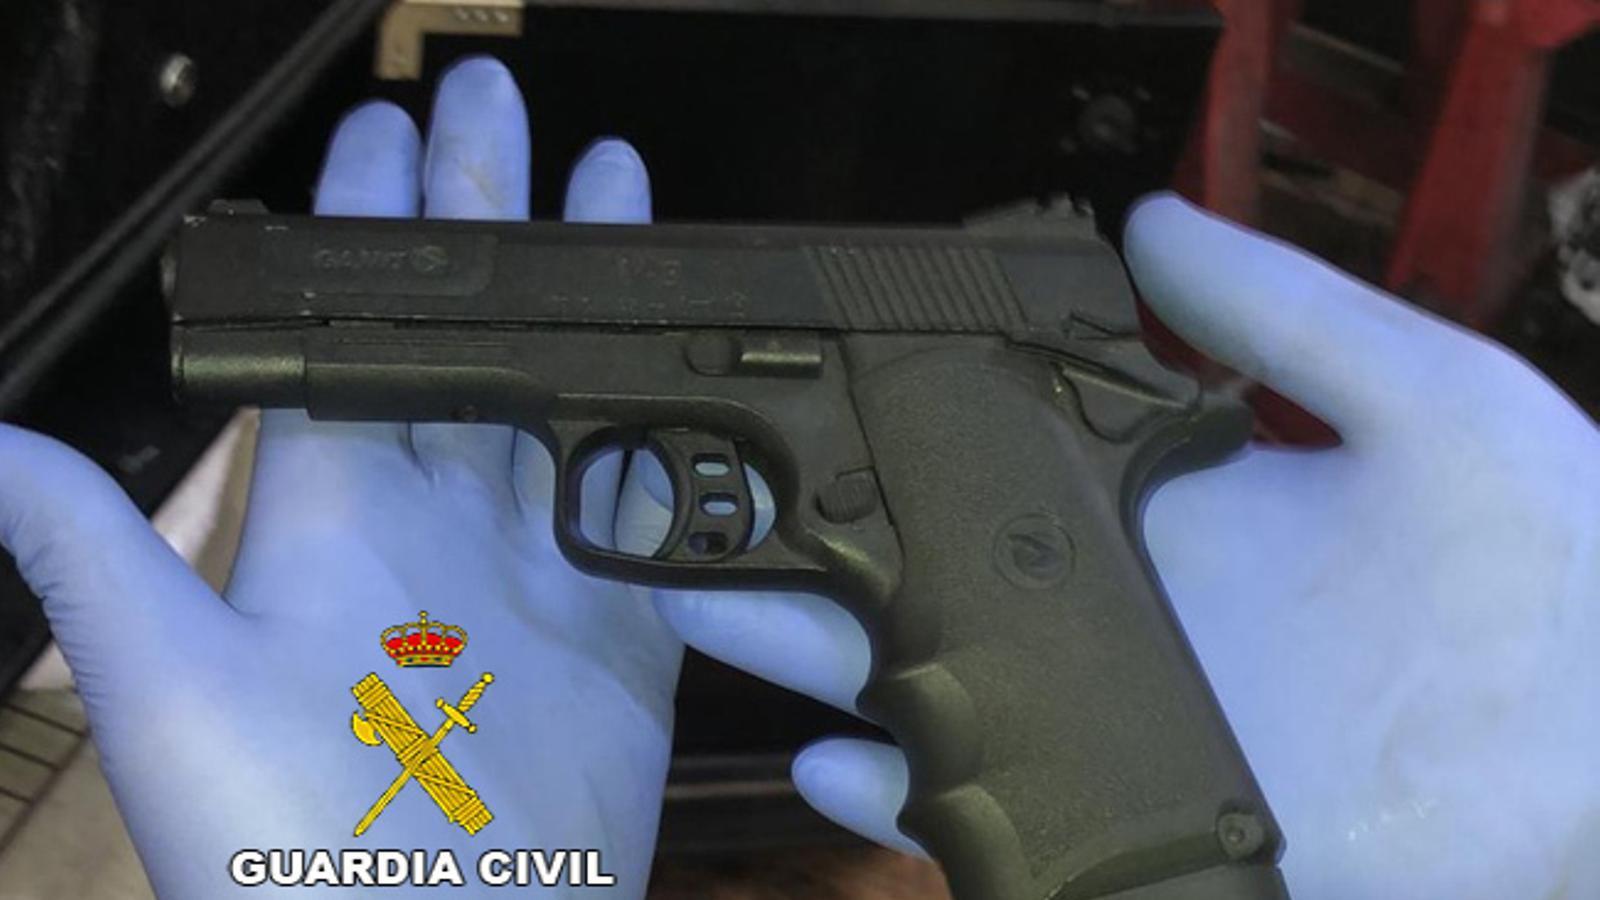 Pistola de gas comprimit requisada